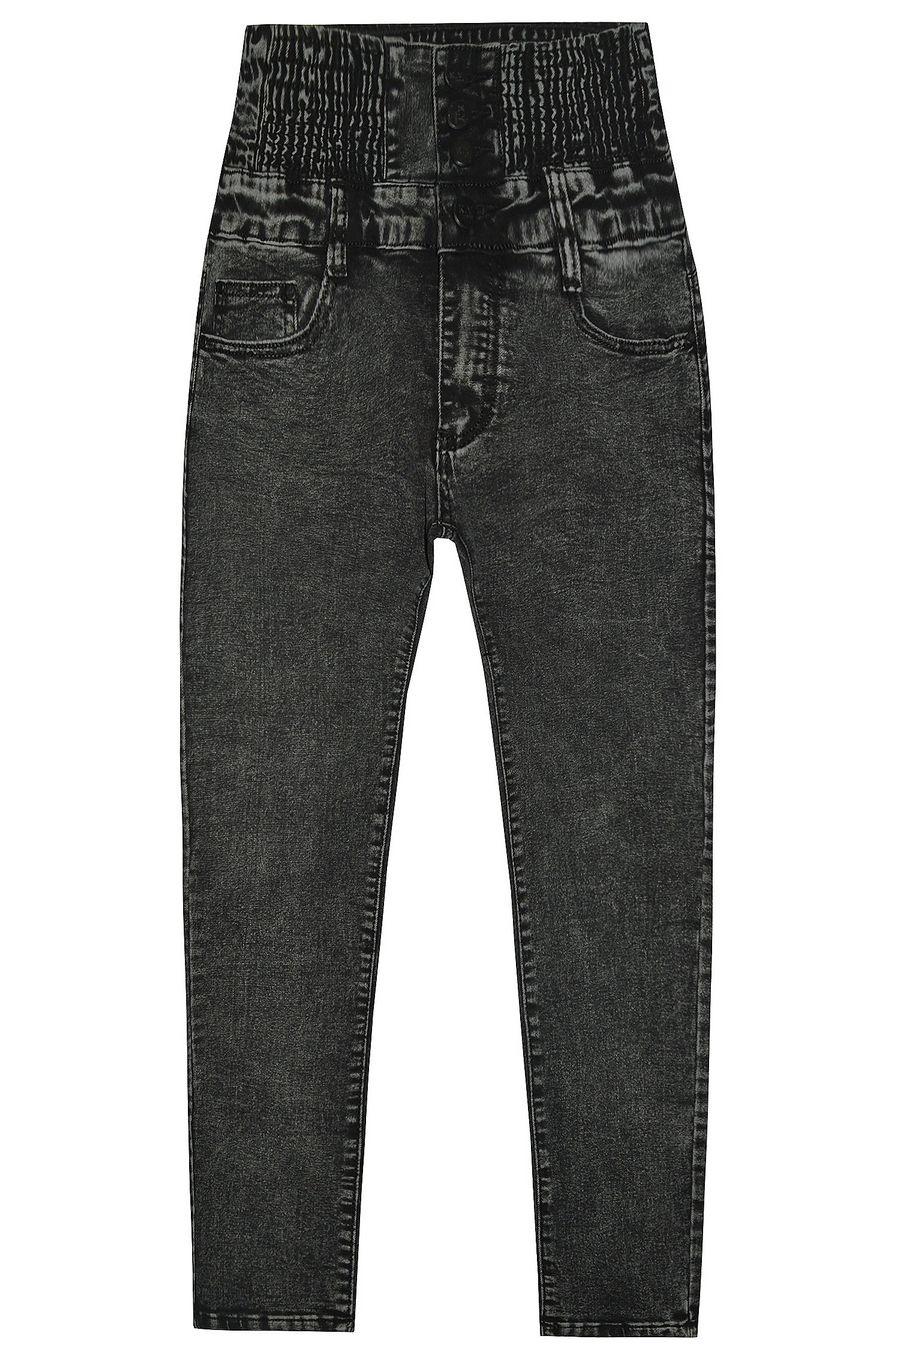 Джинсы женские K.Y Jeans L487 - фото 1